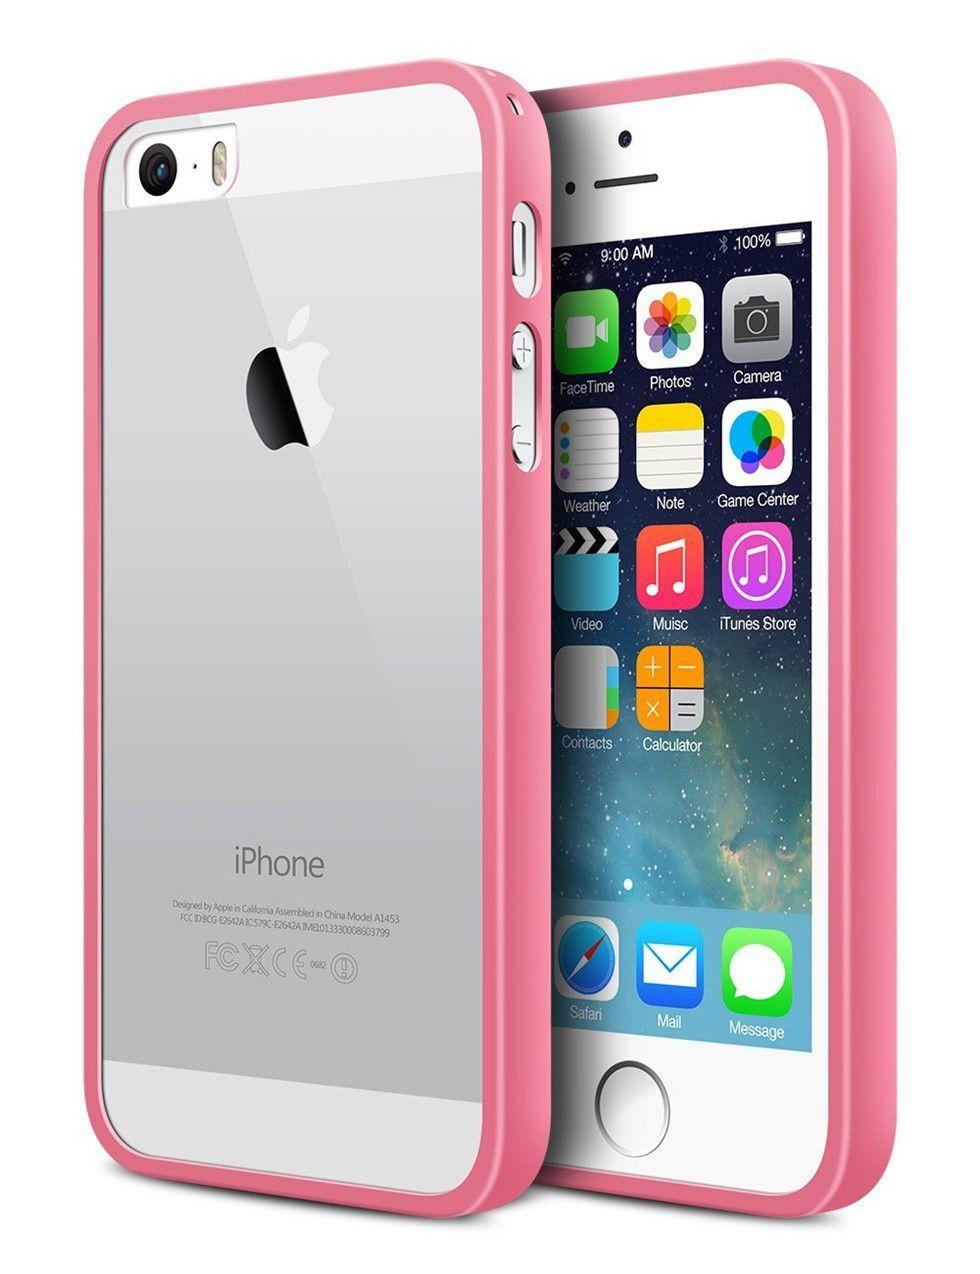 Apple iPhone Case Cover 5s Transparent Slim Bumper Anti